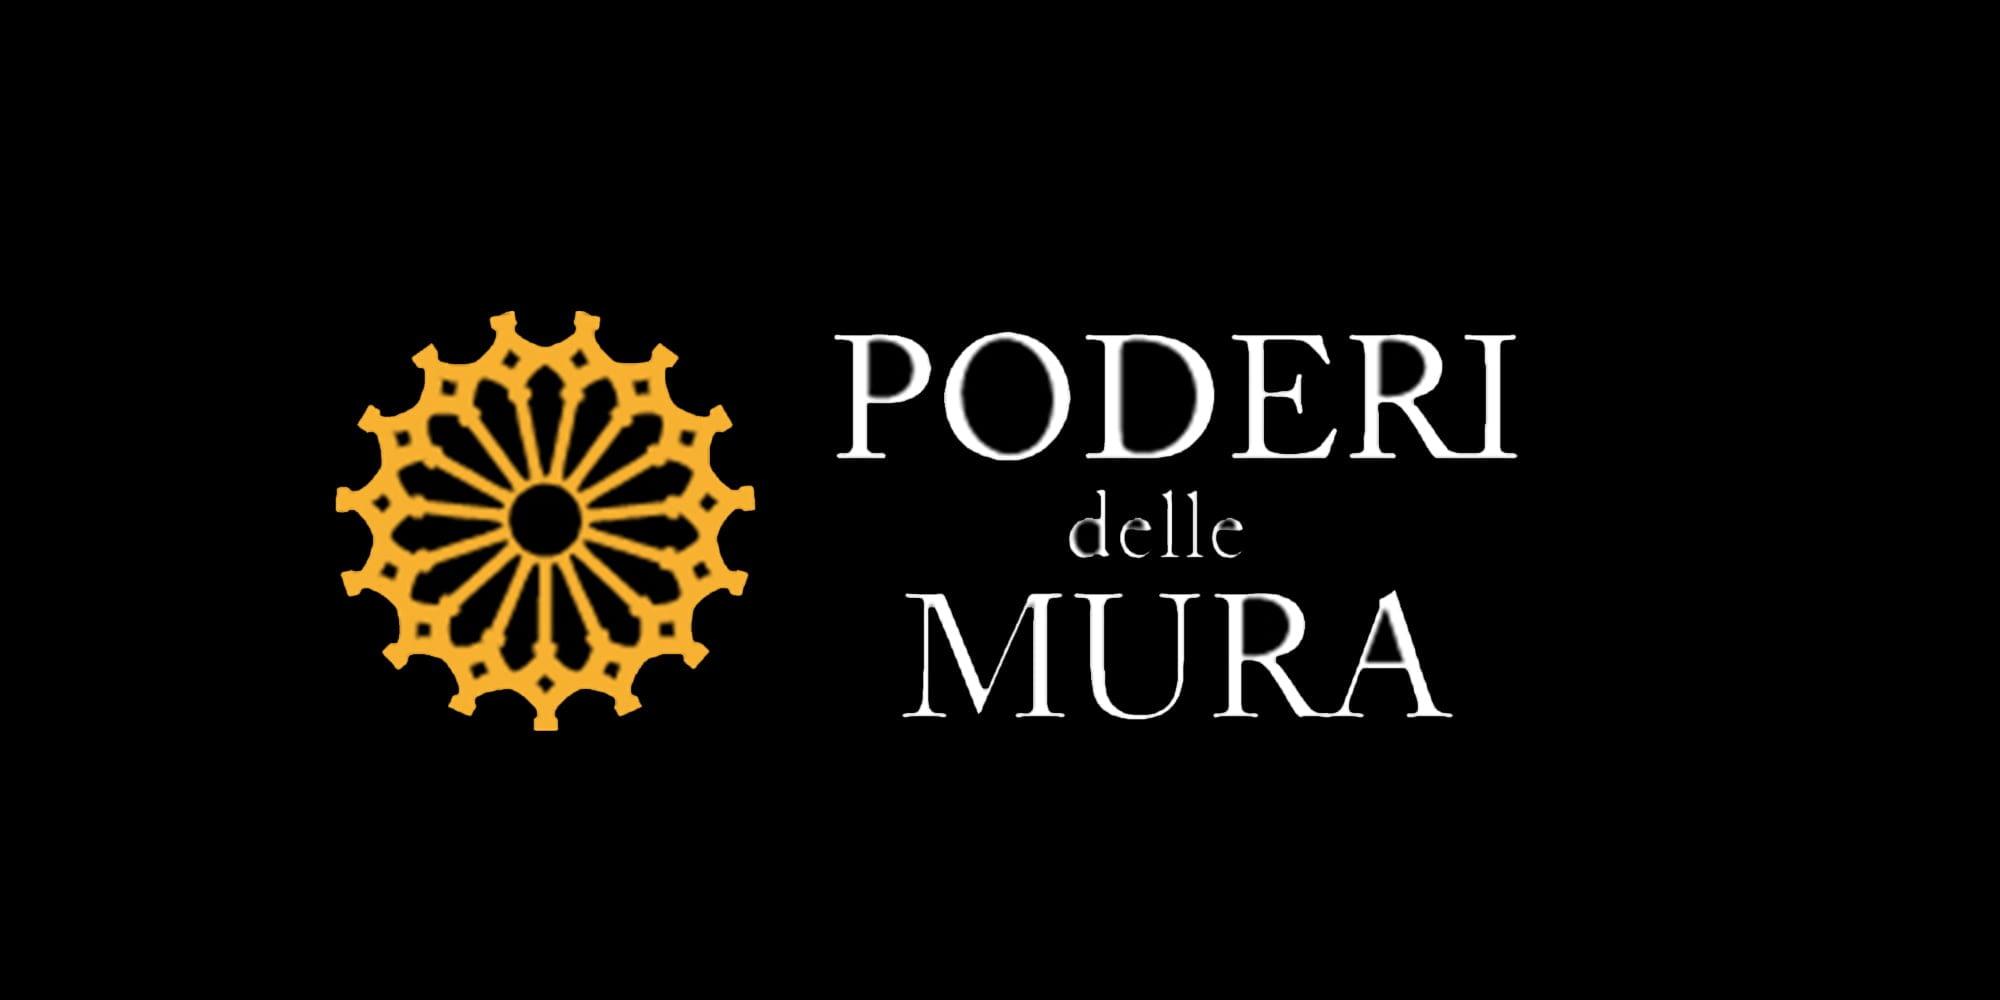 YesPuglia_Azienda vinicola Poderi delle Mura_LOGO